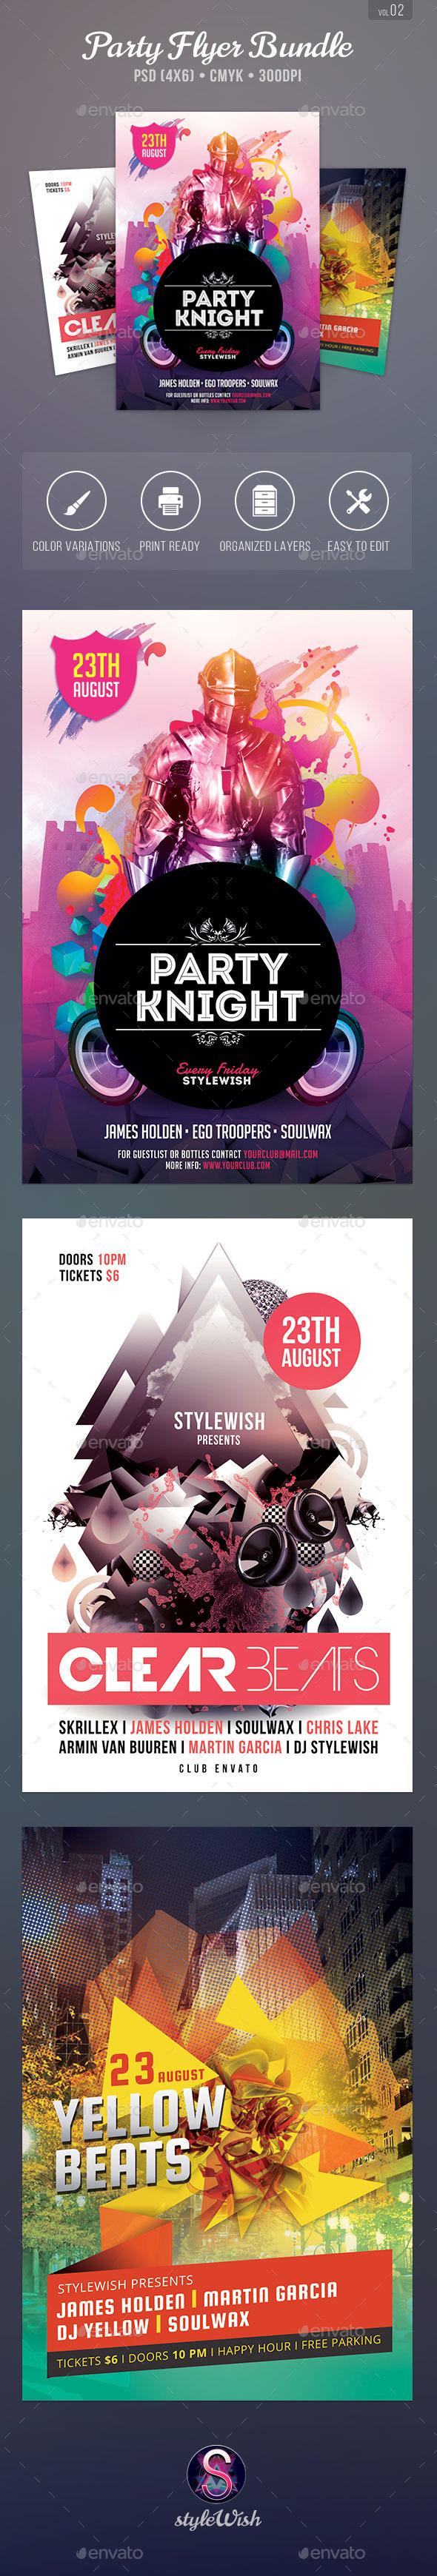 Party Flyer Bundle Vol.2 - Clubs & Parties Events